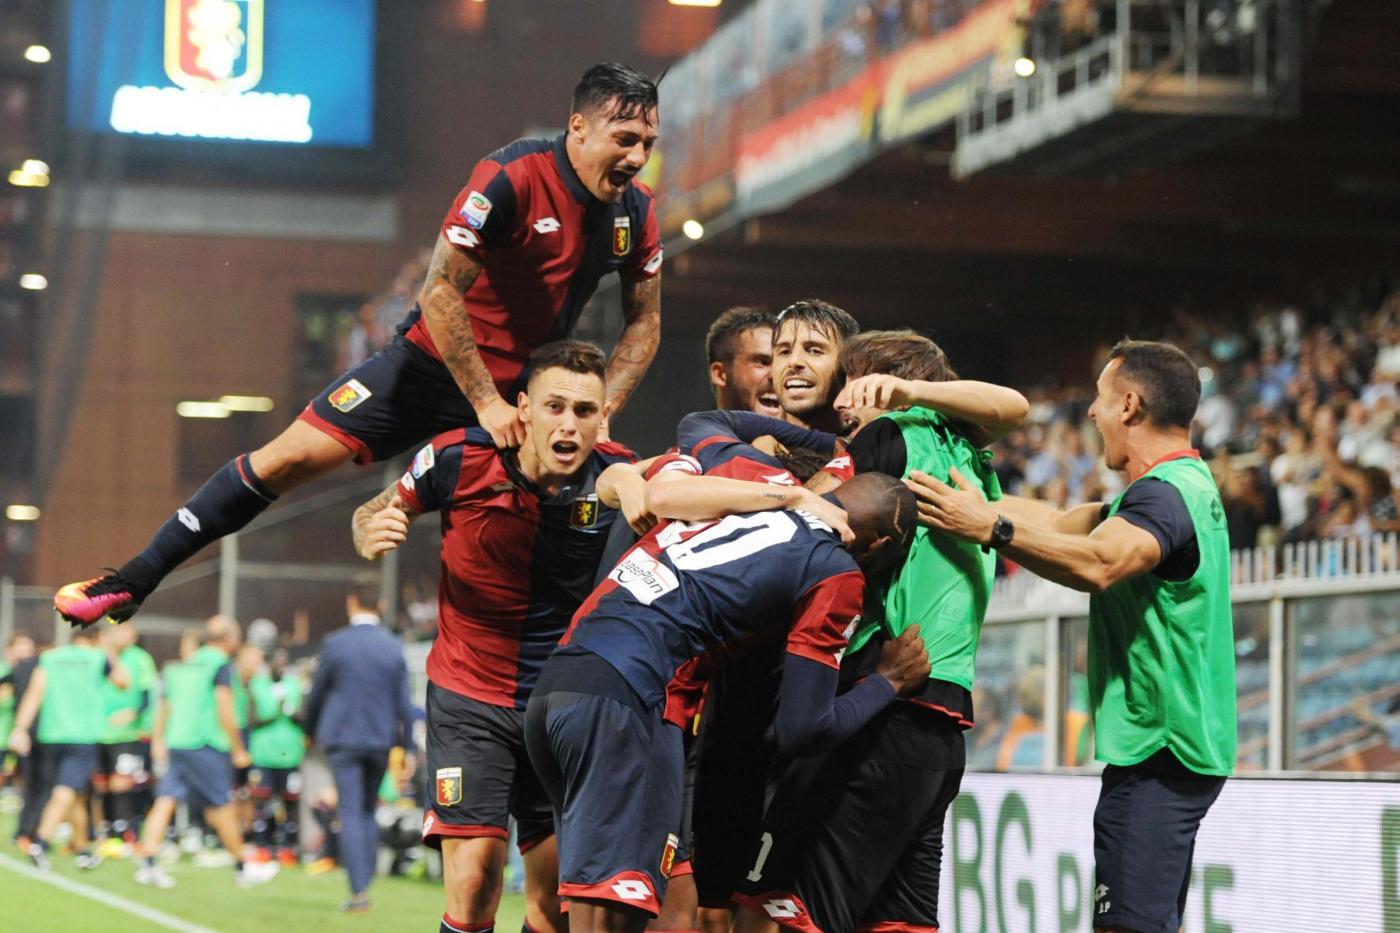 Cagliari-Genoa, pronostico e analisi- del match di Serie A